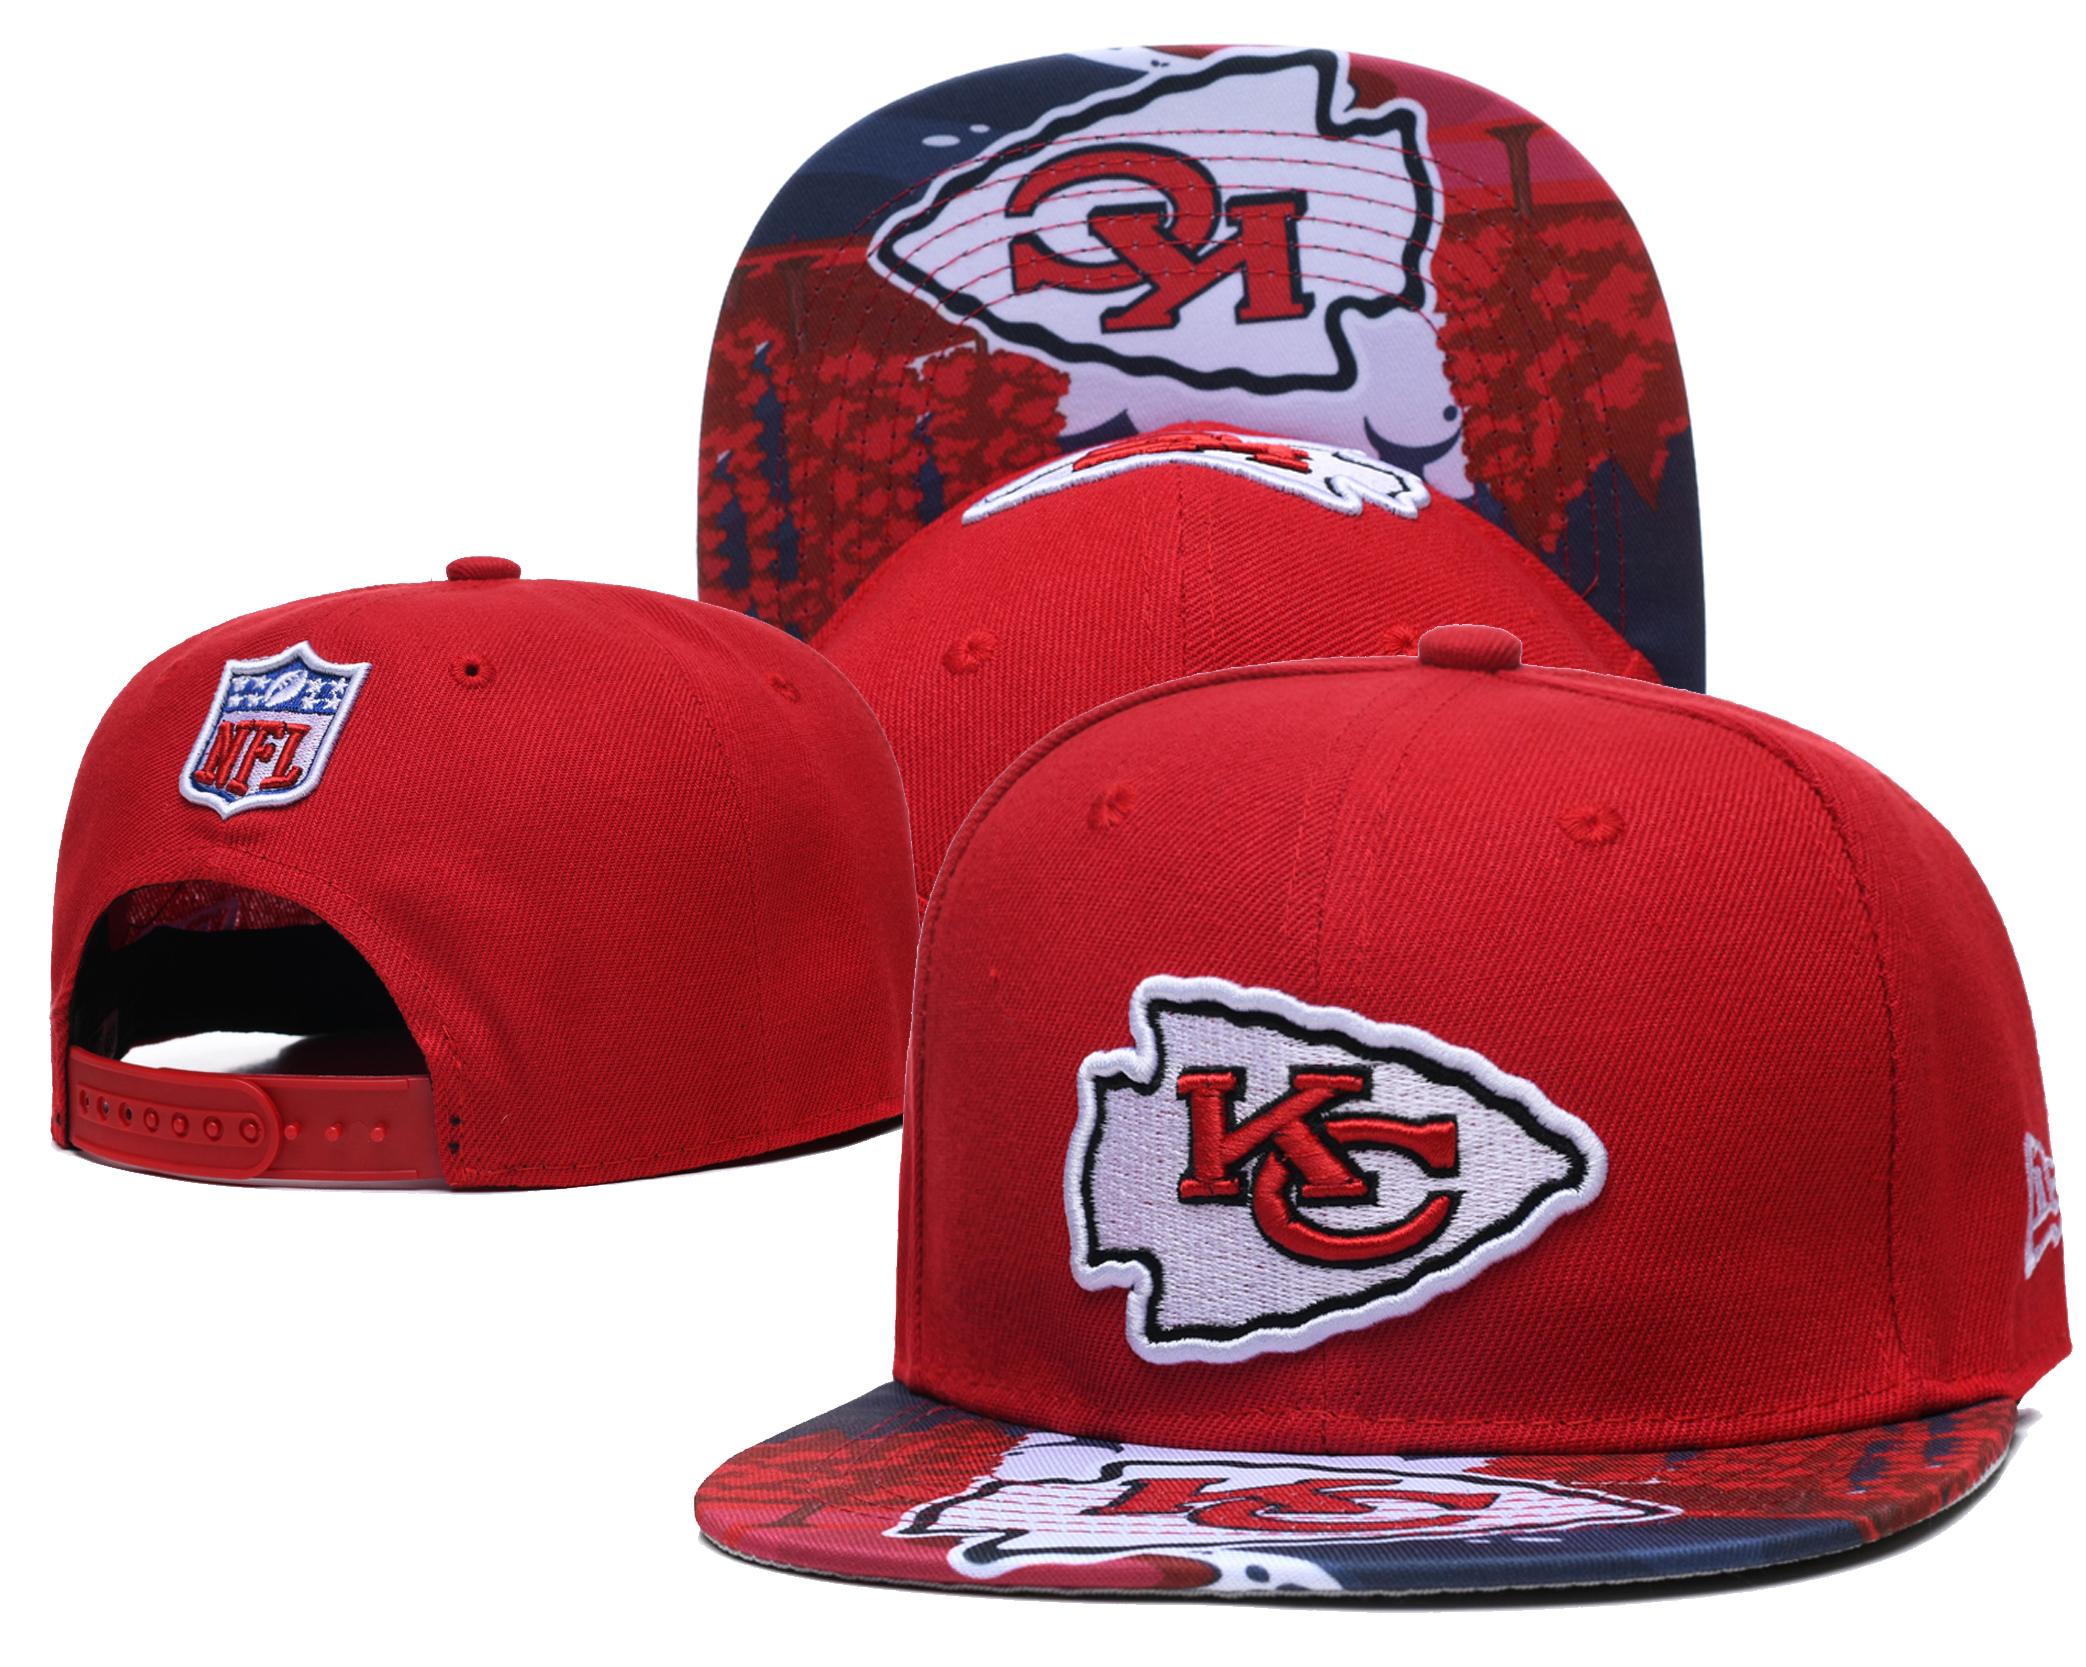 Chiefs Team Logo Red Adjustable Hat LH